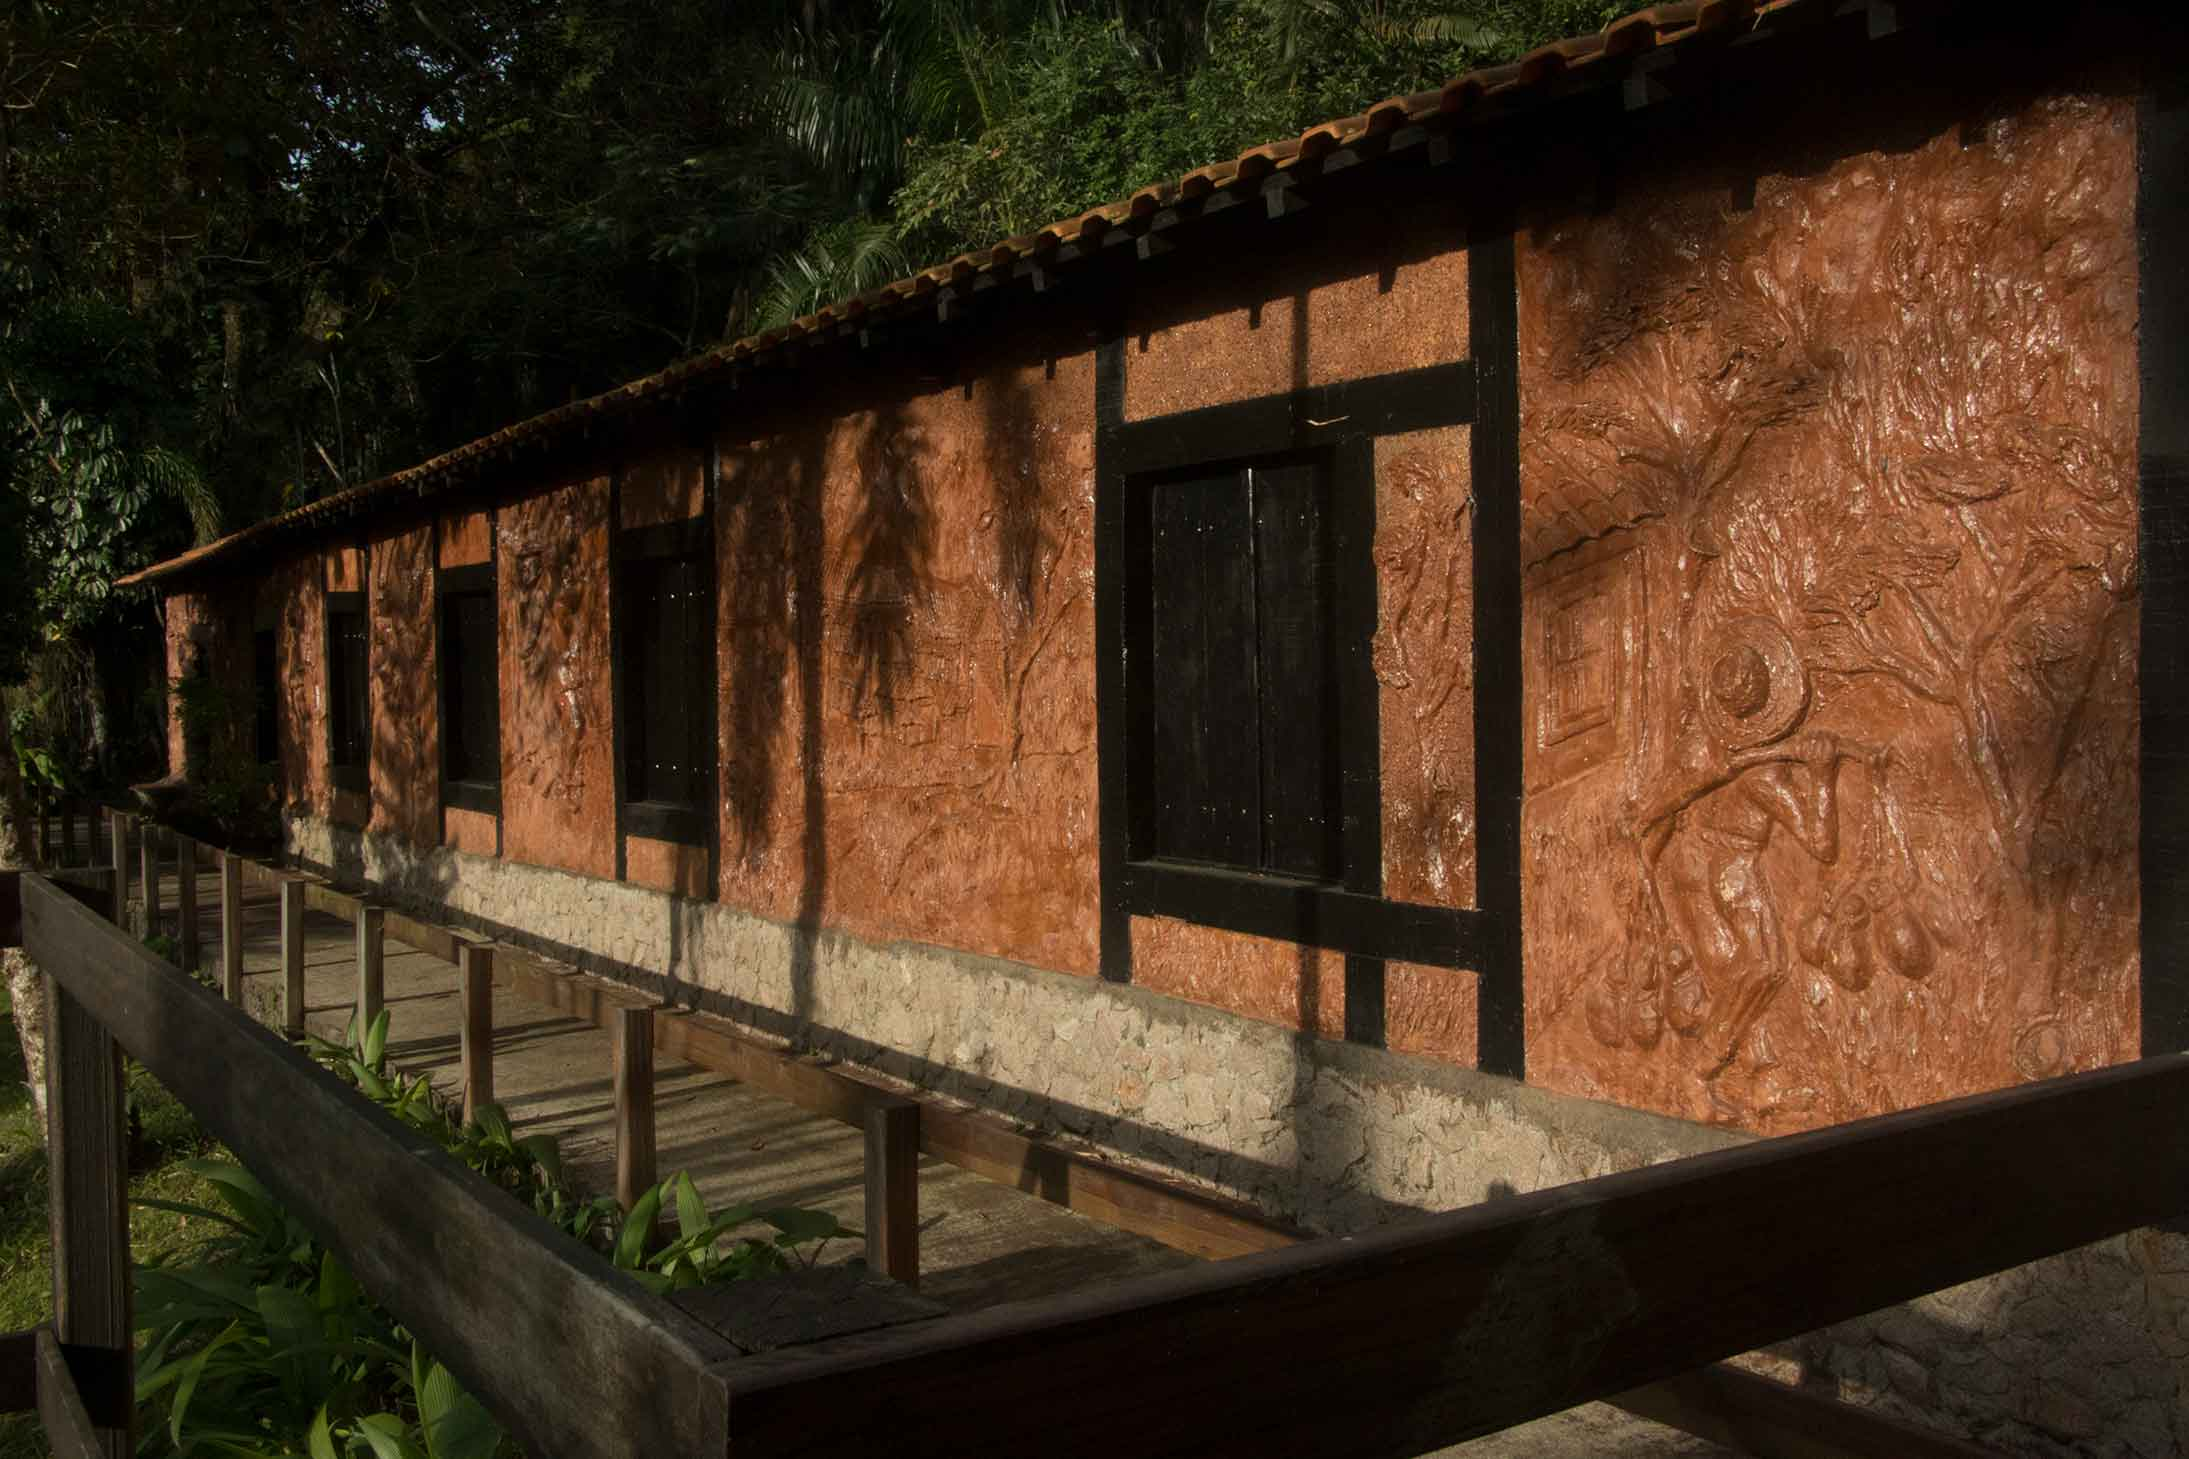 Sao-Vicente-Museus-Casa-da-Cultura-Afro-Brasileira-IMG_0634-bx